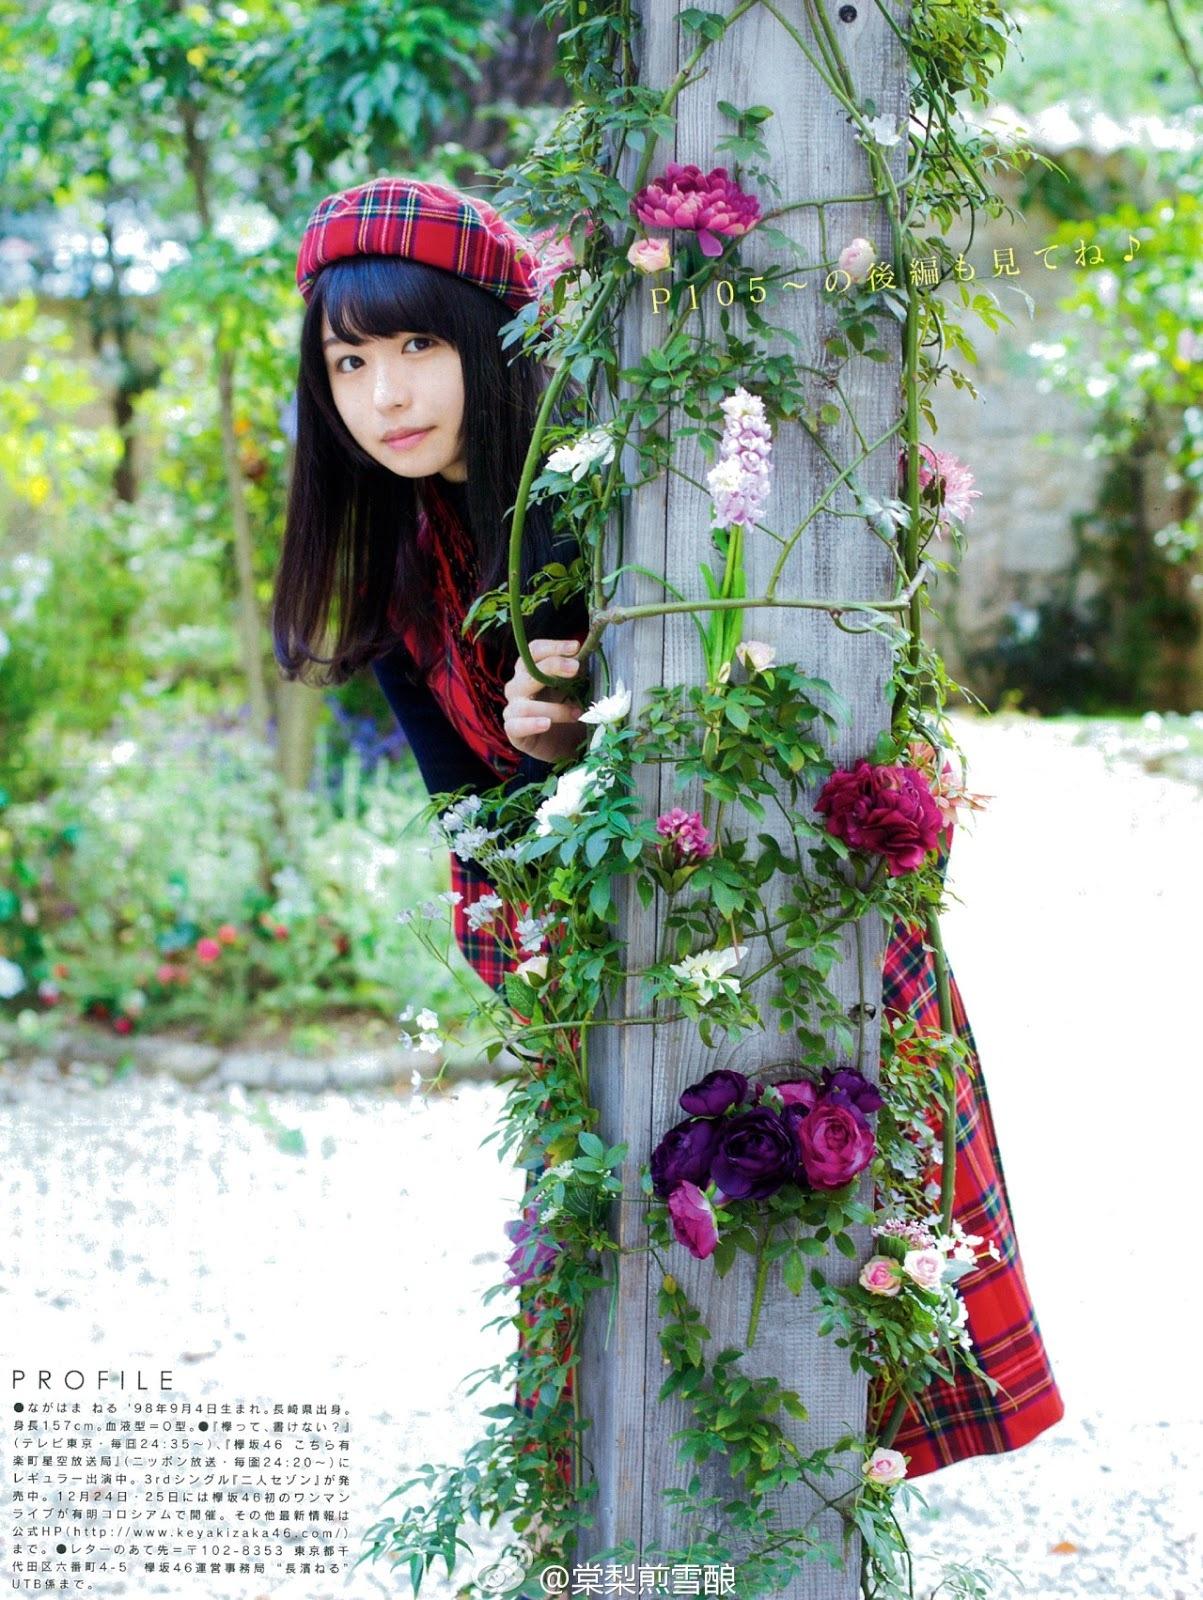 長濱ねる 2017 薔薇 2